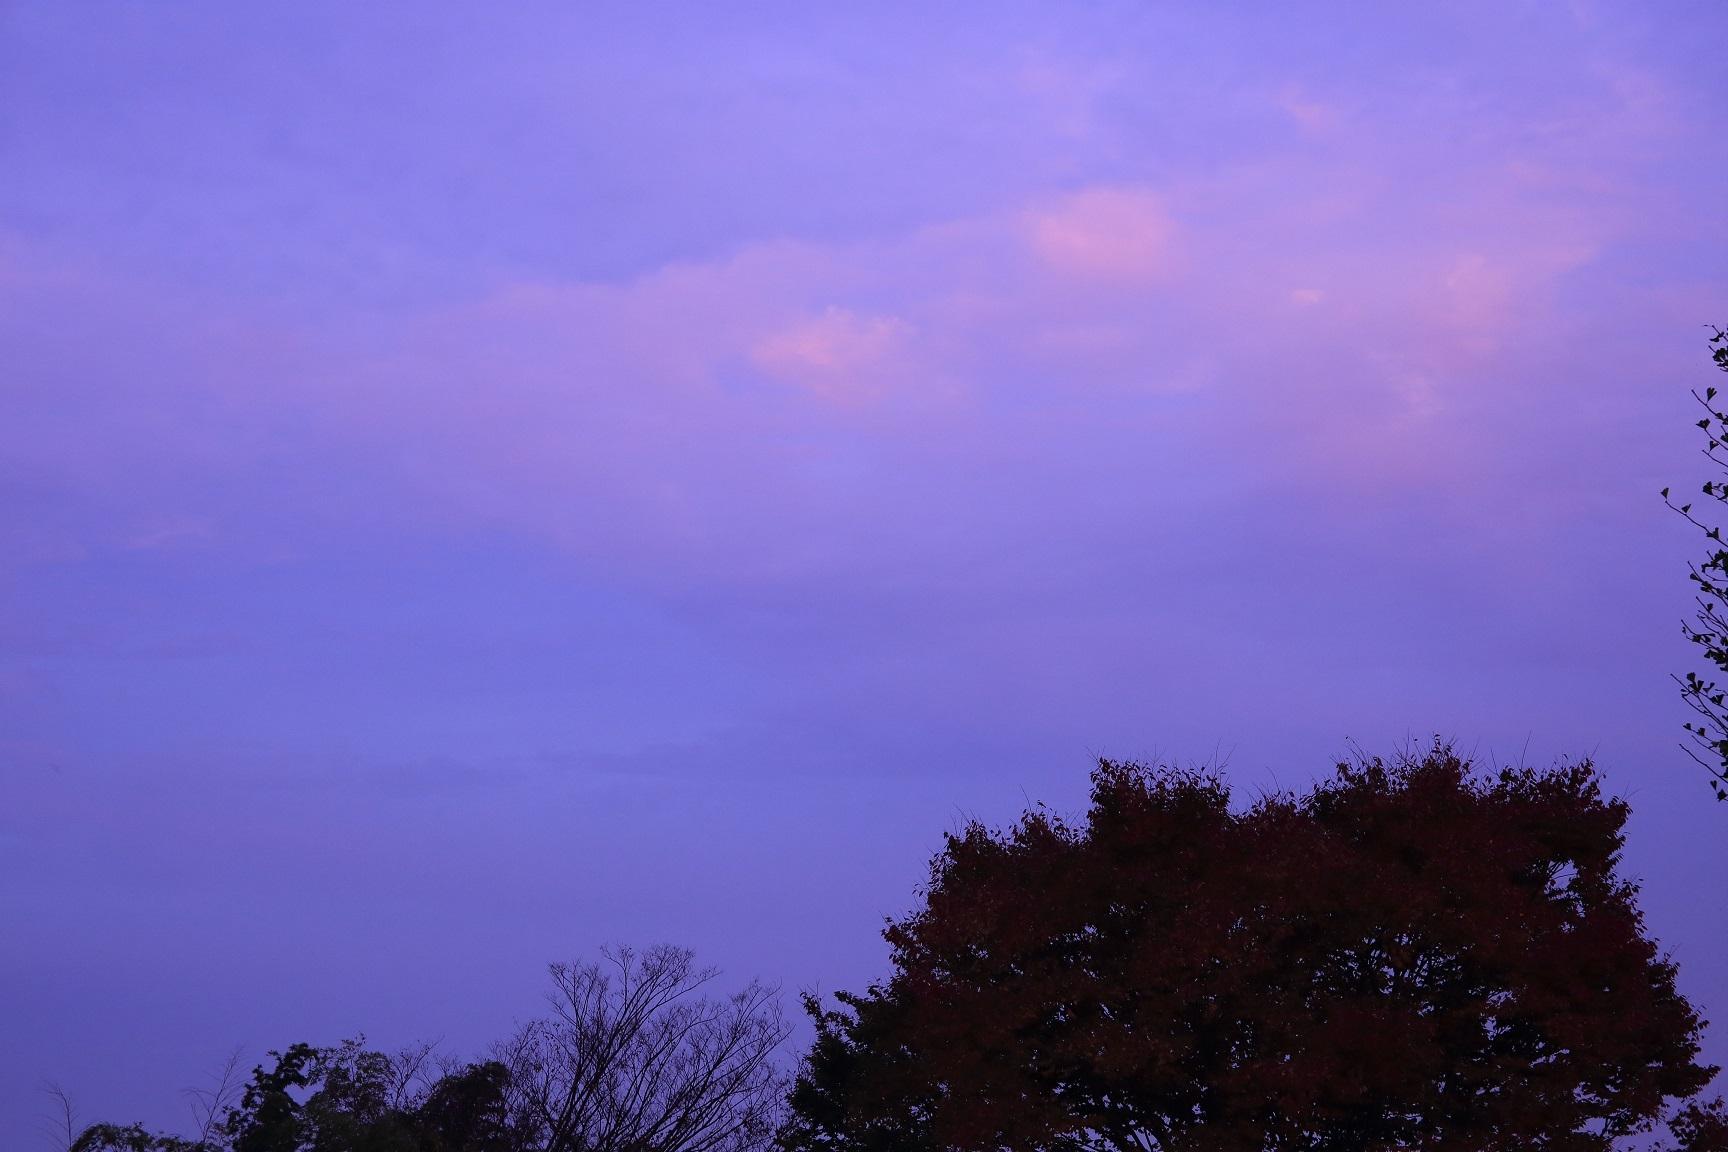 2017 11 08 ブログ 日没後の空.jpg